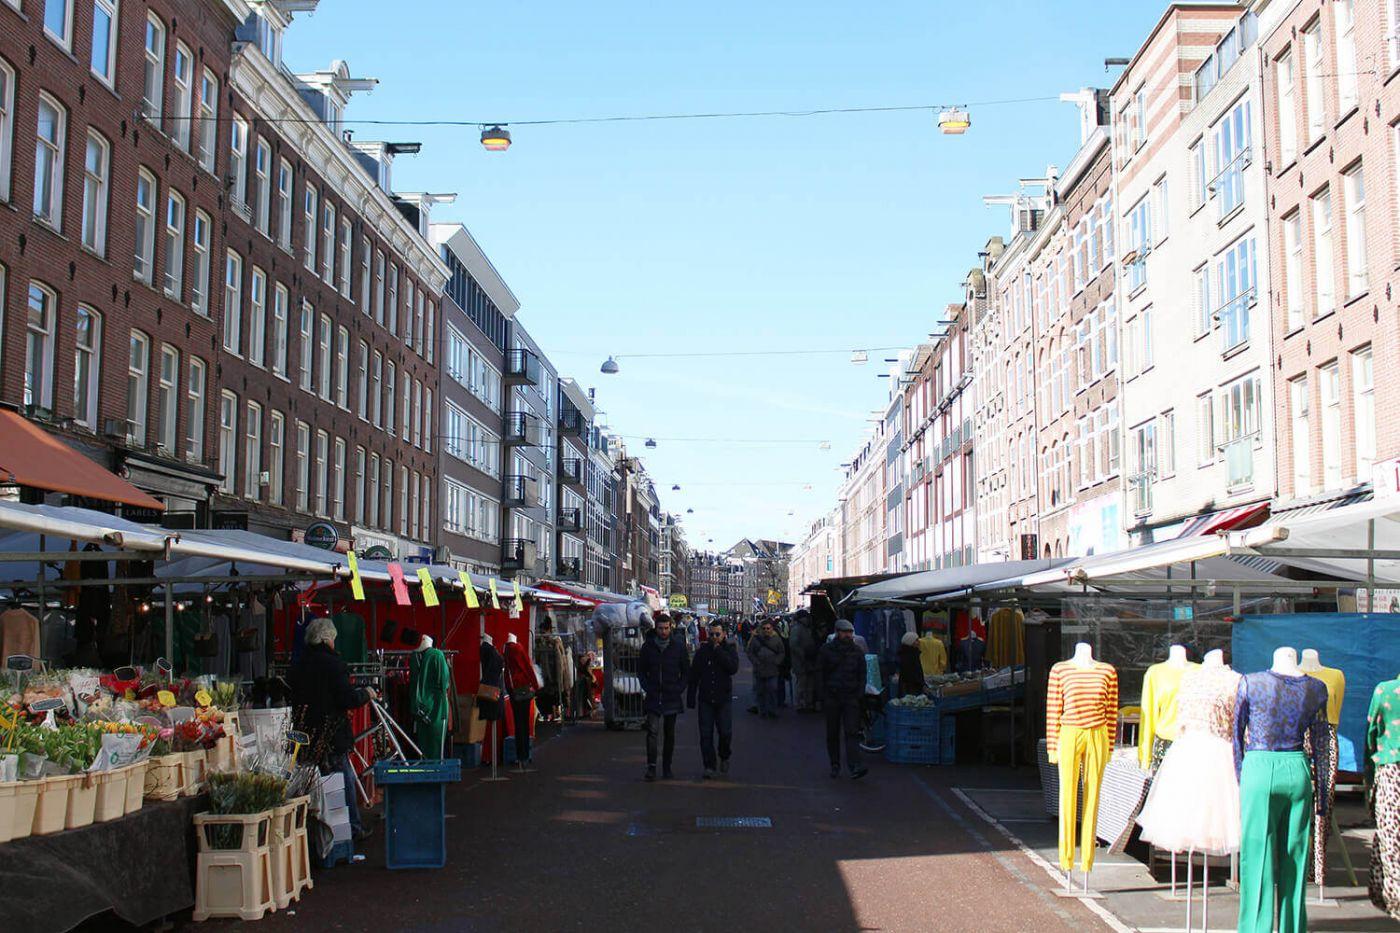 albert-cuyp-markt-guide-to-de-pijp-amsterdam_x960